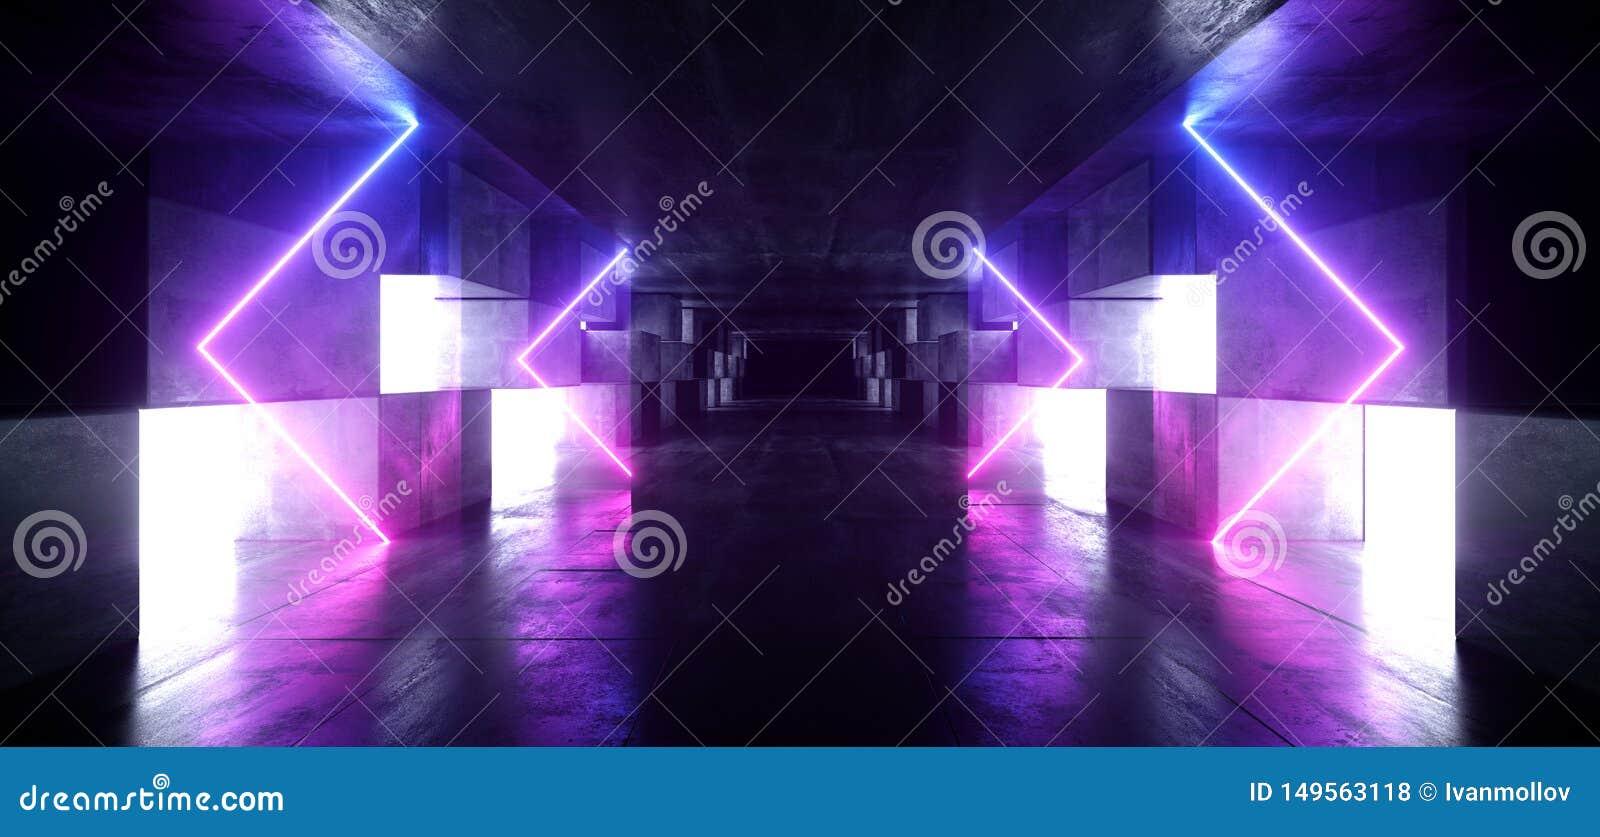 Tunnel-Studio-Stadiums-Bau-Garagen-Podium Neonlicht-Pfeil-Grafik glühendes purpurrotes blaues vibrierendes virtuelles Sci FI futu